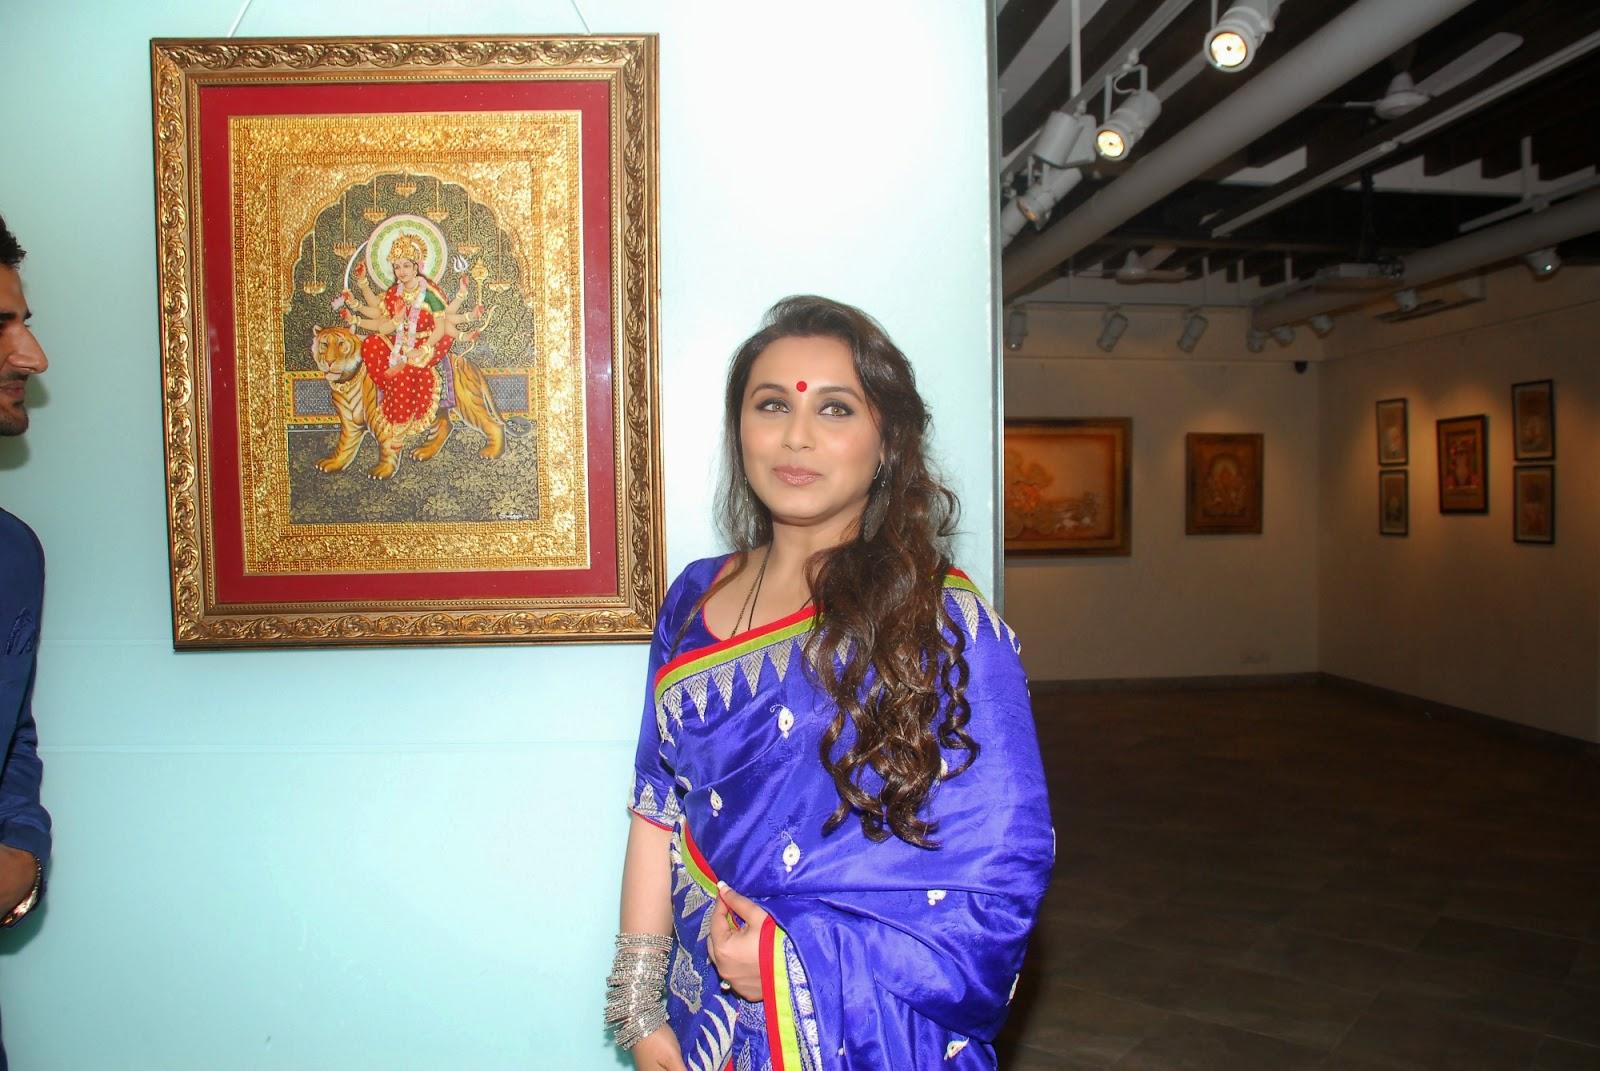 Rani Mukerji Launch Art Show An Art Collector's Paradise Event